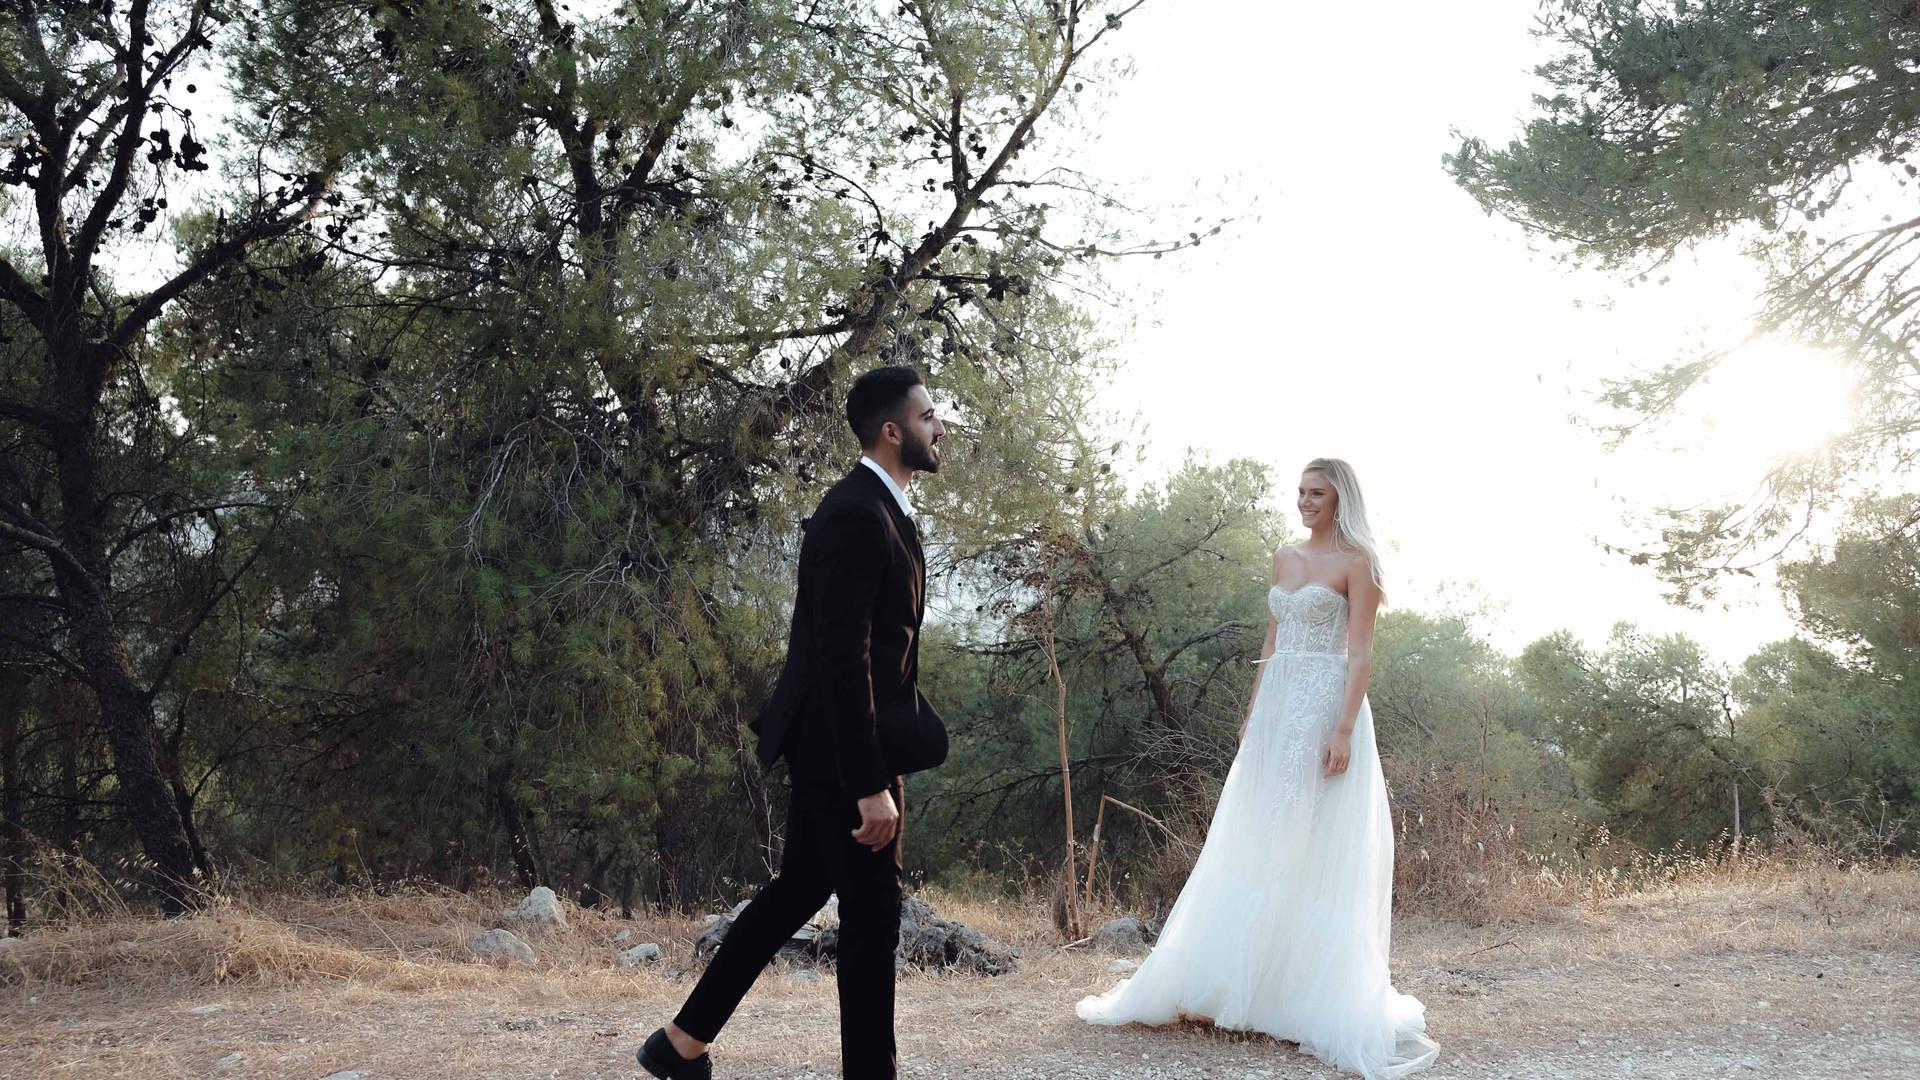 צלם לחתונה קטנה בצפון